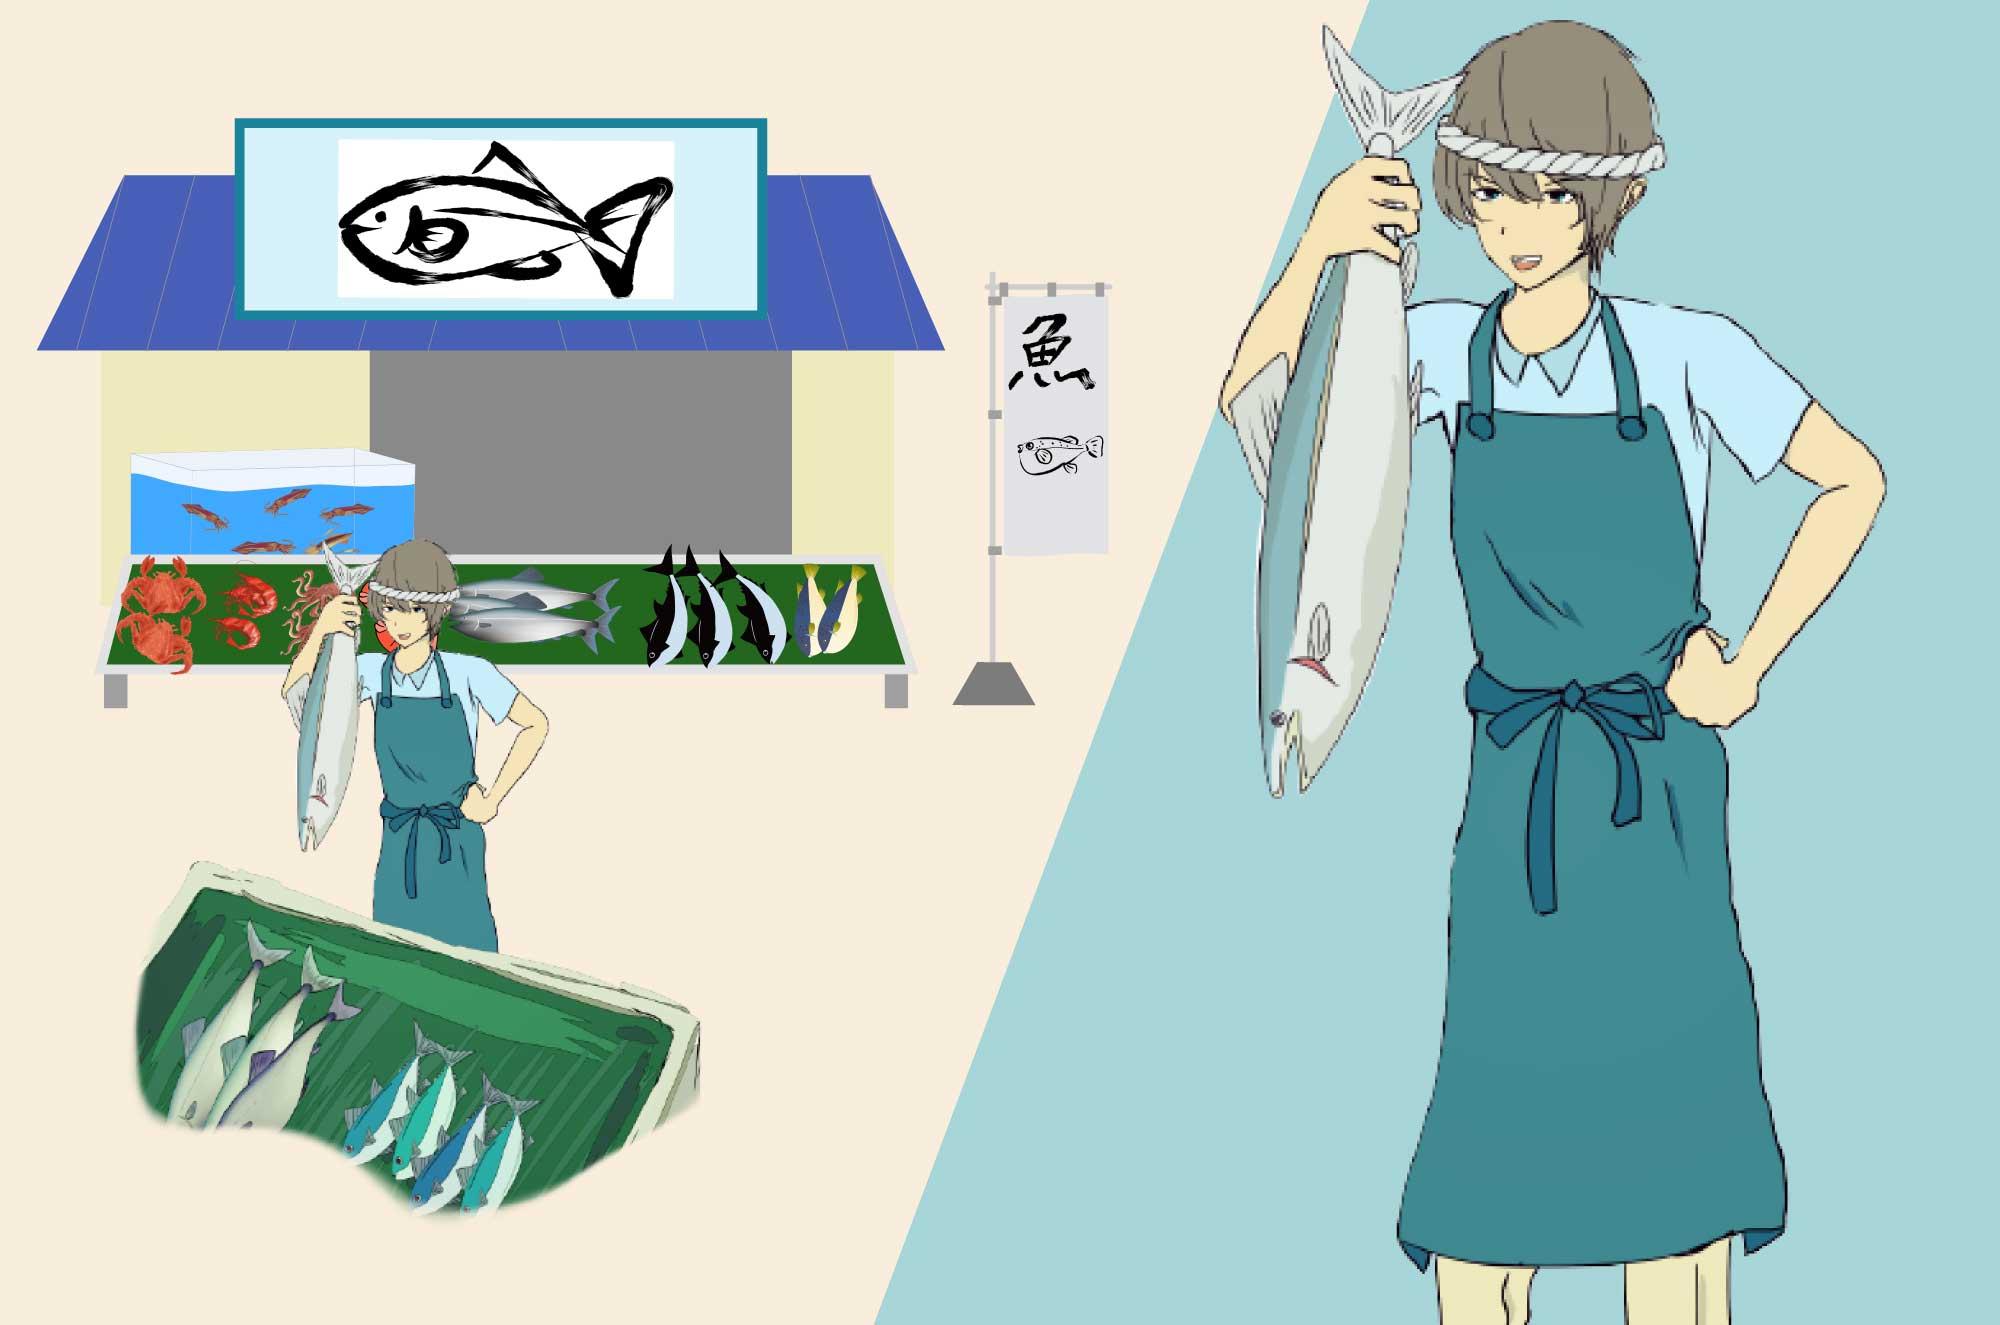 魚屋のイラスト - 鮮魚店で働く職業のイメージ素材